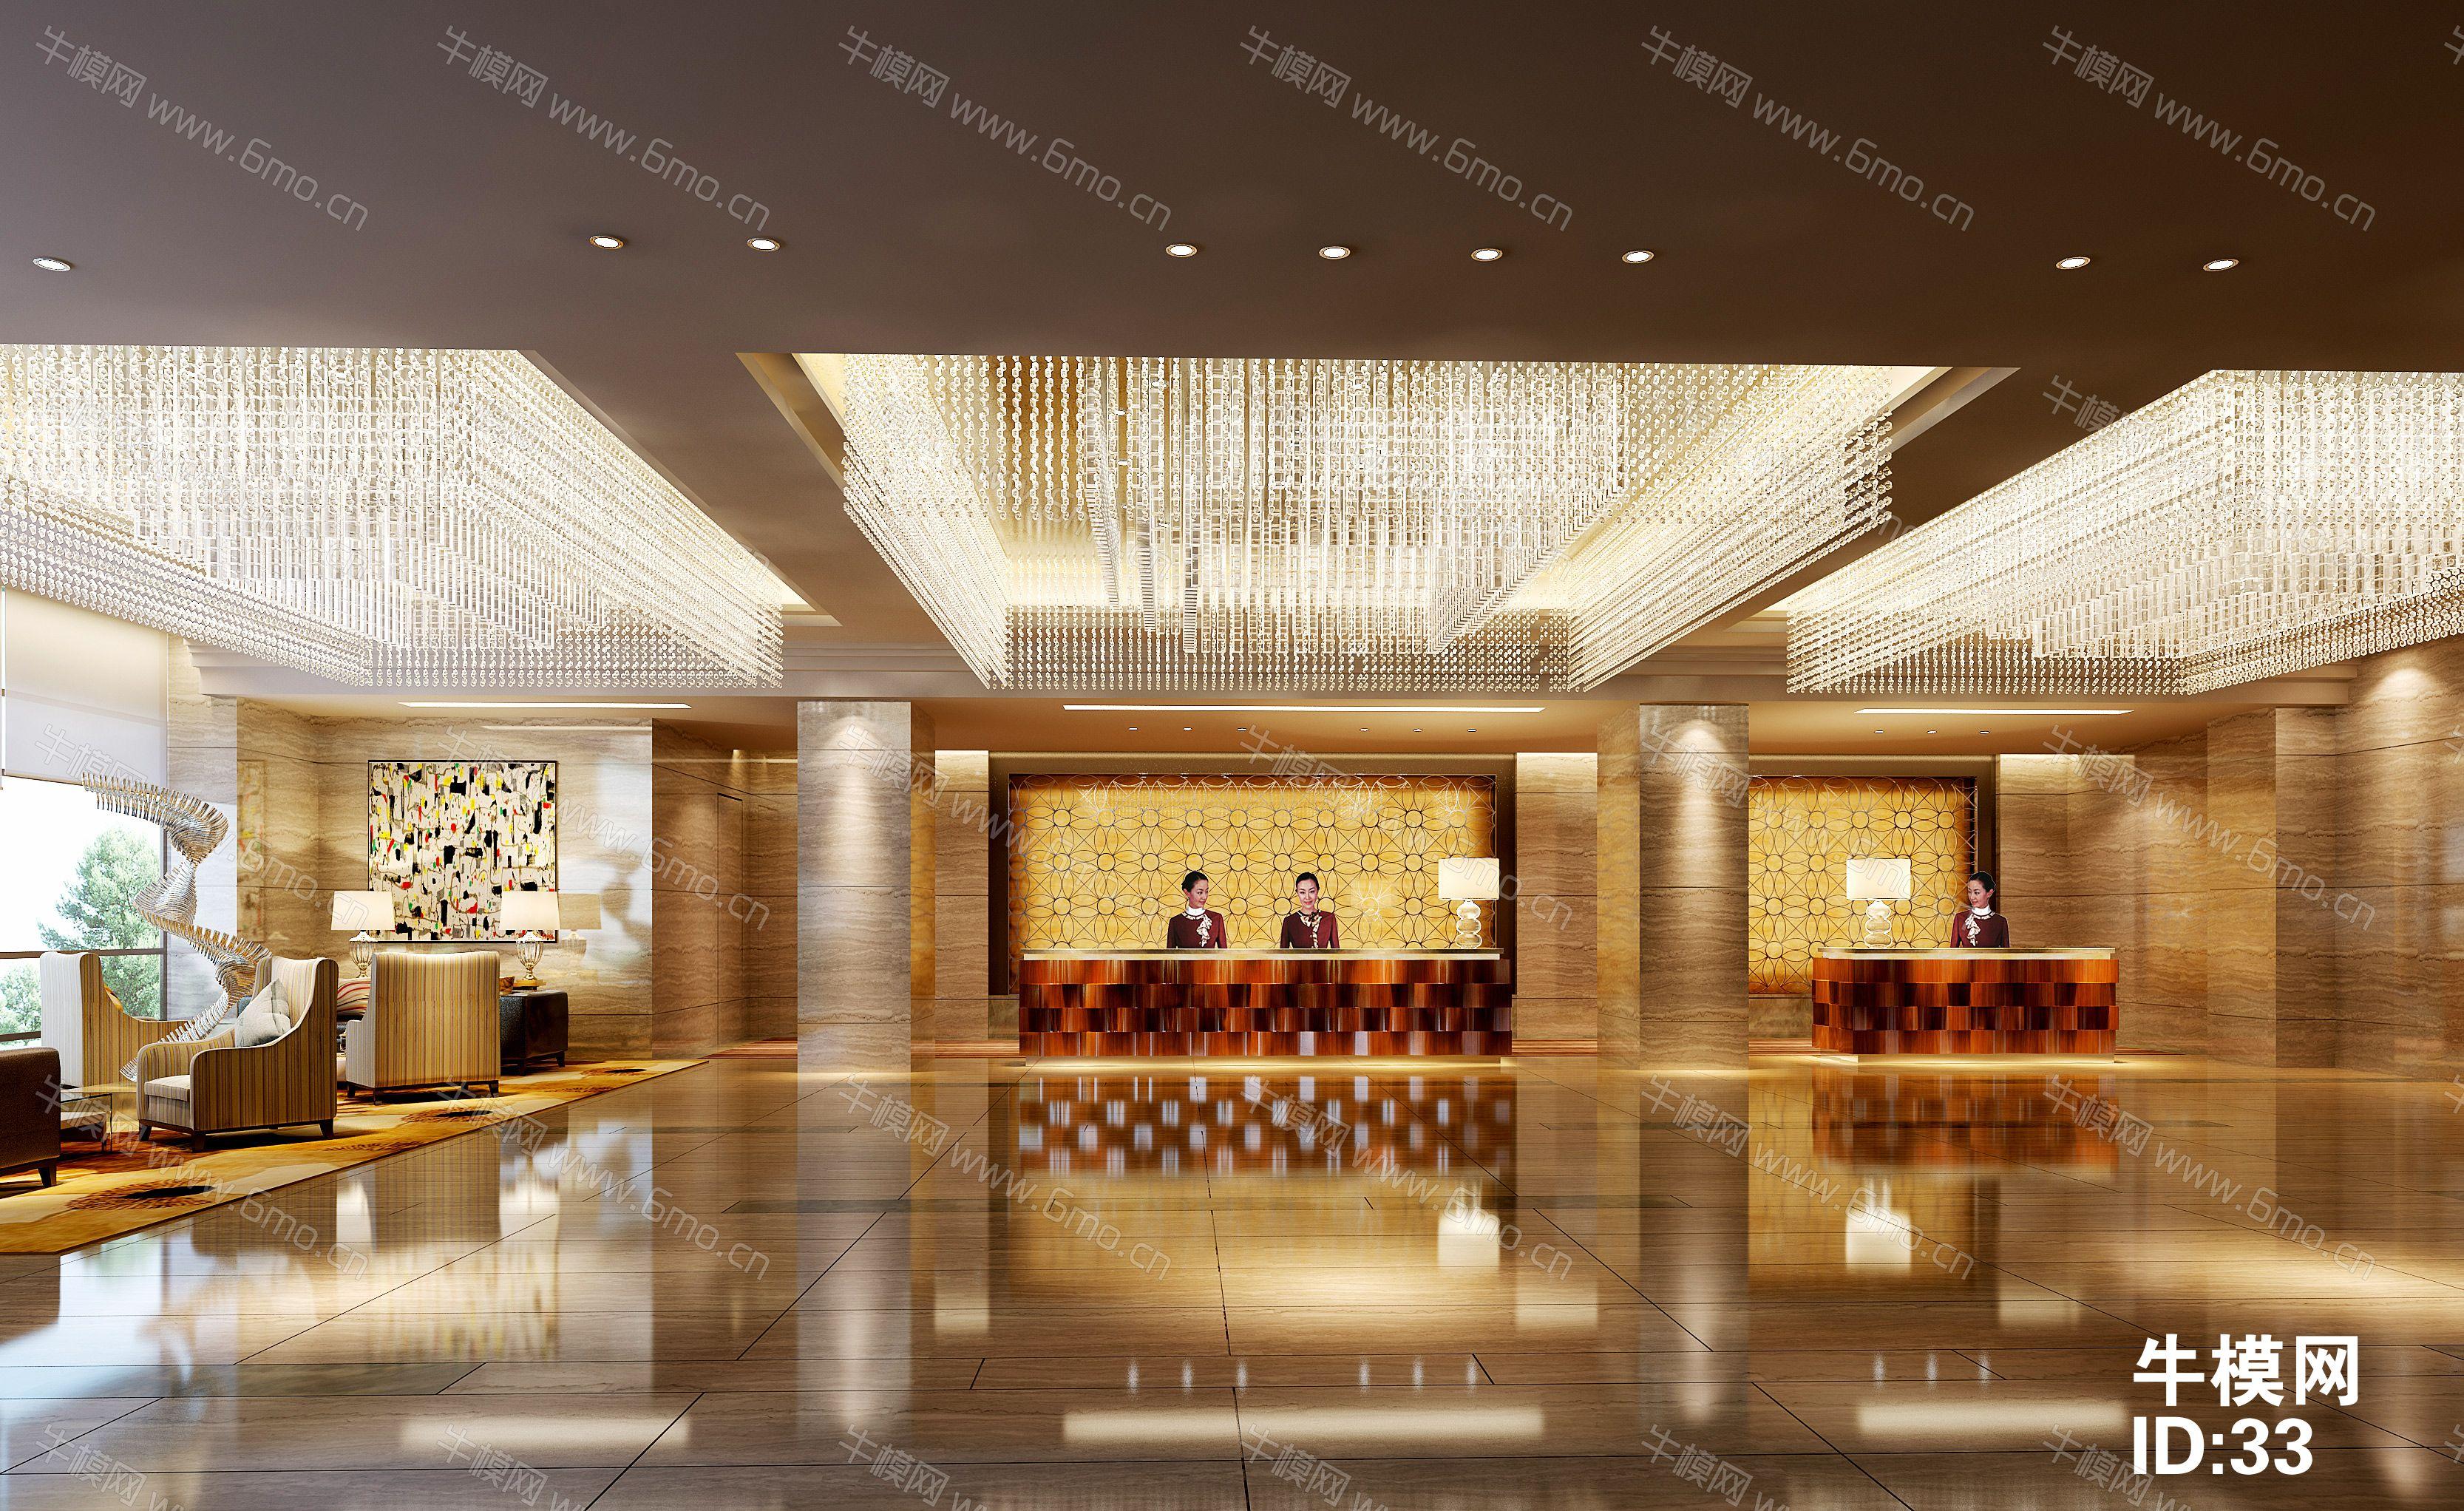 四星级酒店大堂前台/休息区下载